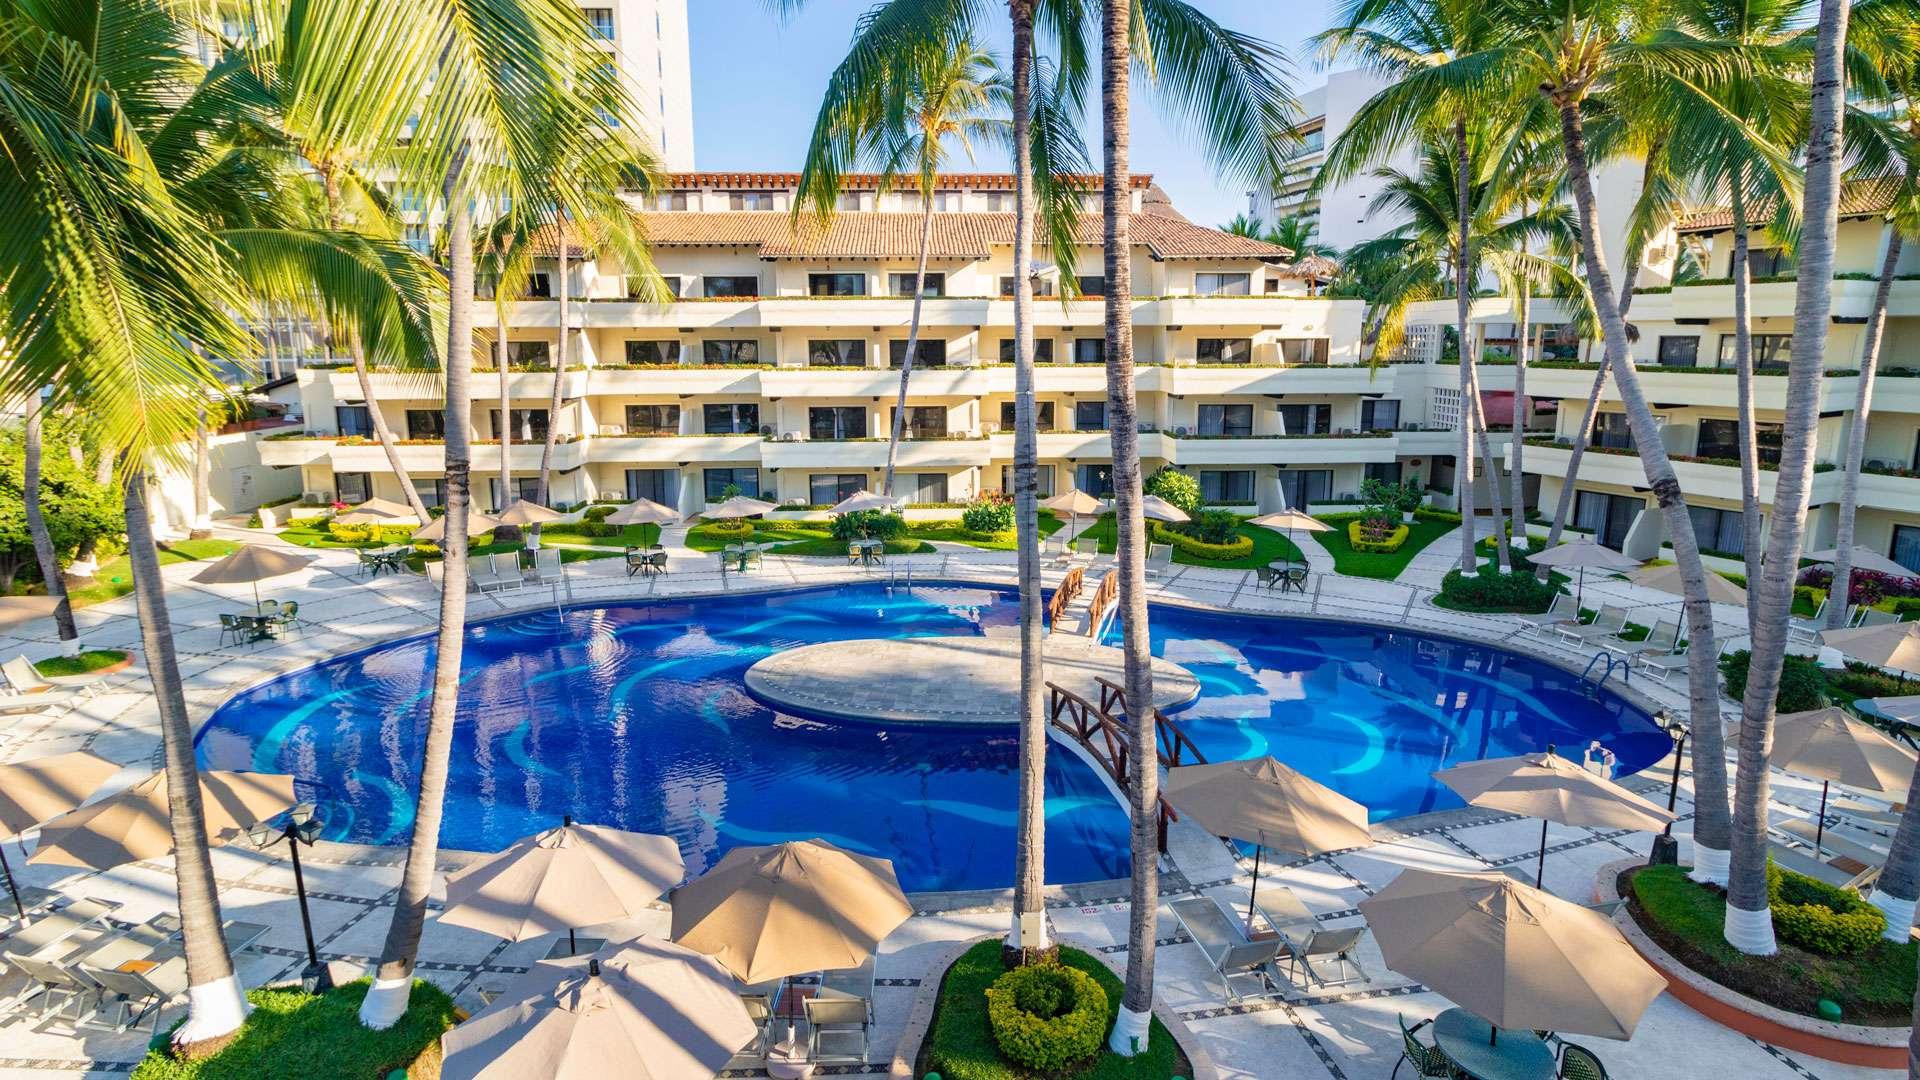 Optimizada villa del mar puerto vallarta pool cover